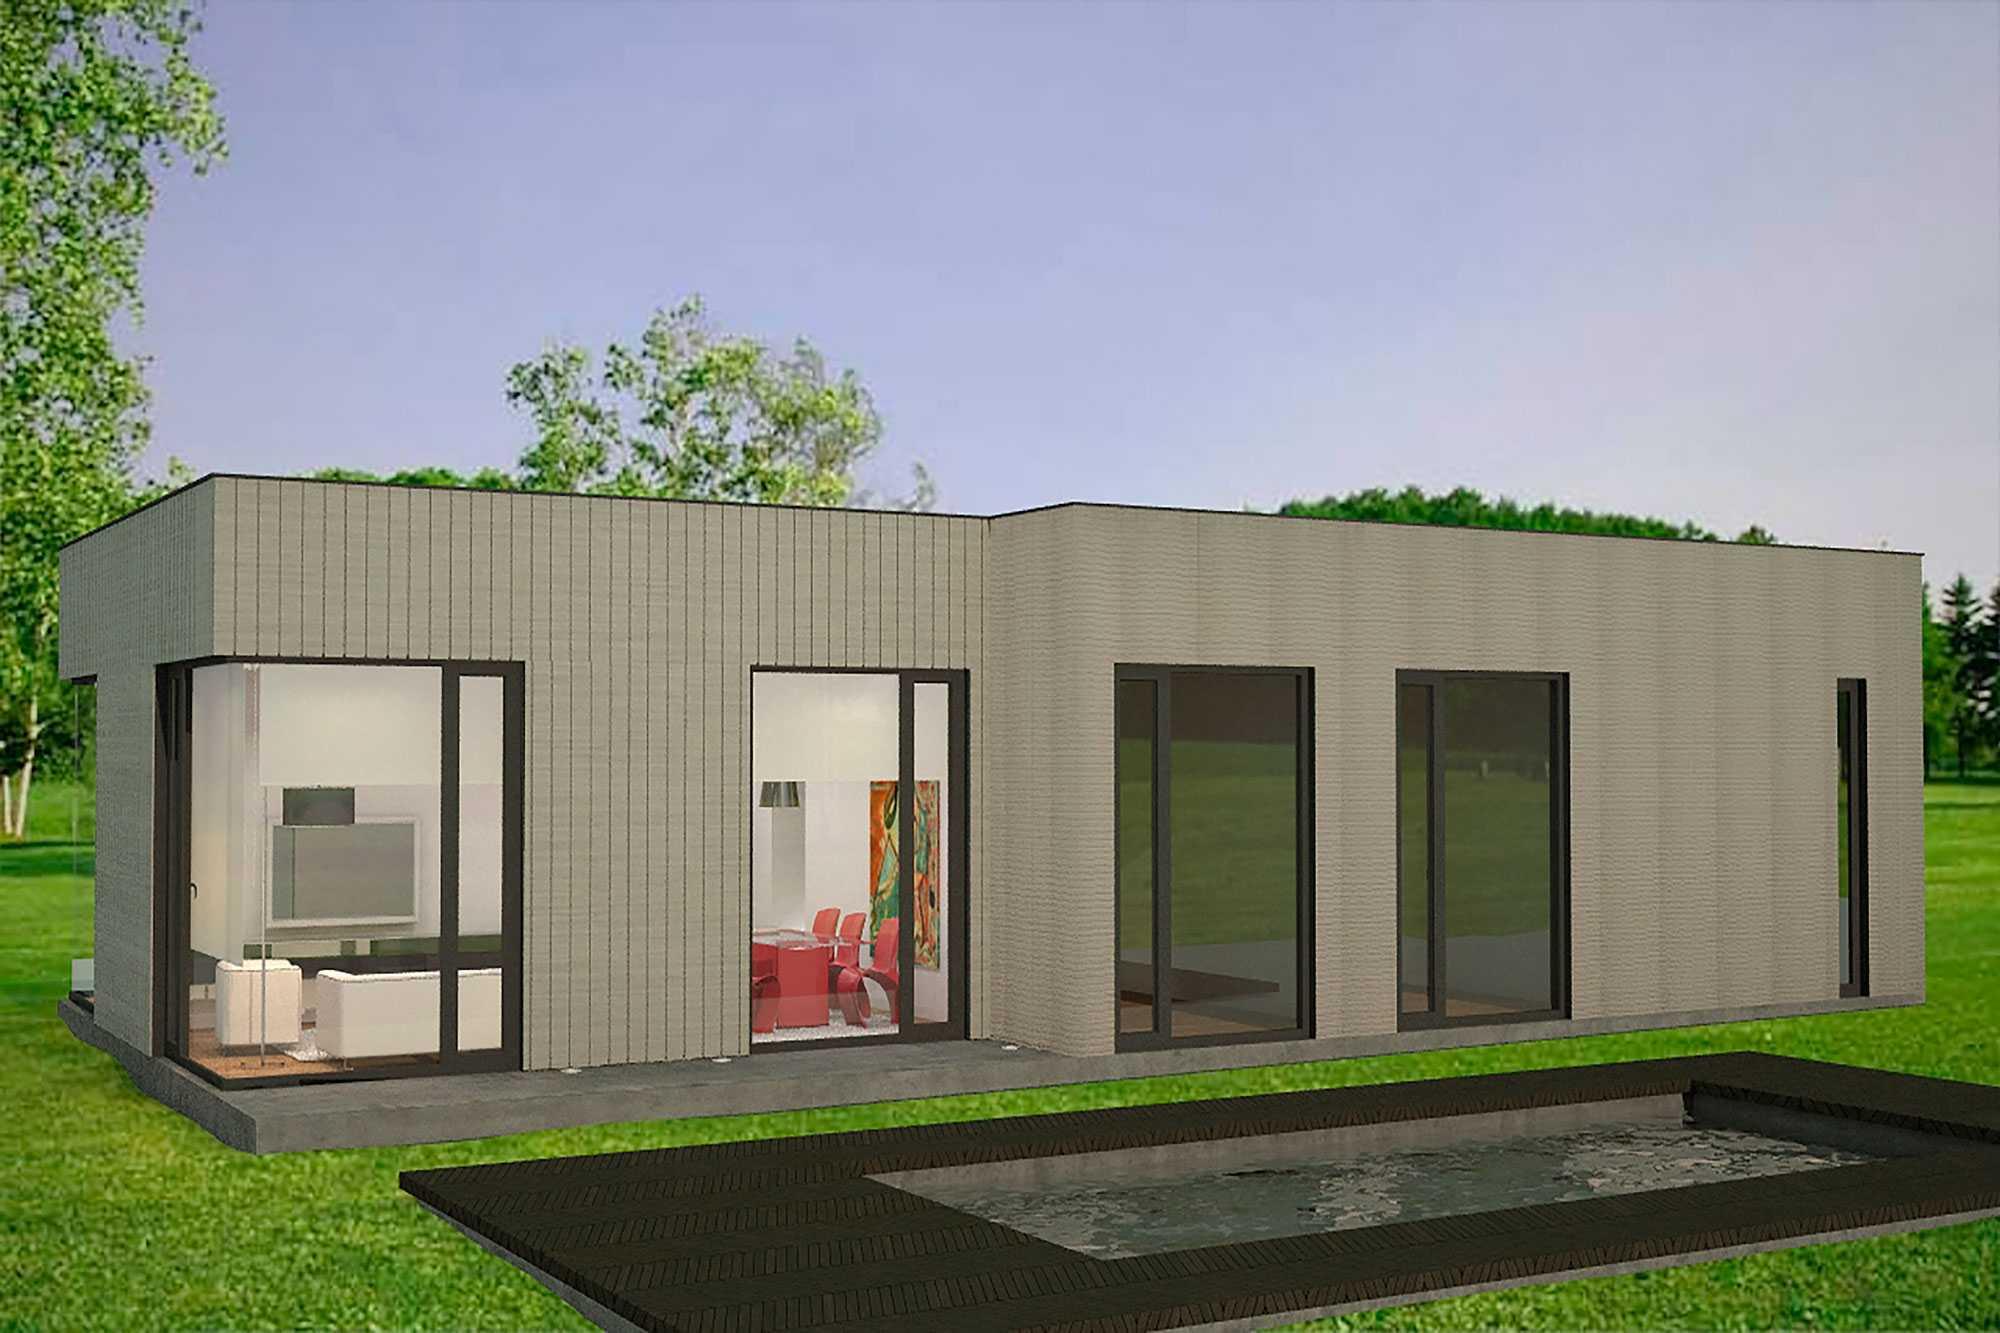 Dise o arquitectura dise o interiores en coru a y galicia - Arquitectura de interiores coruna ...